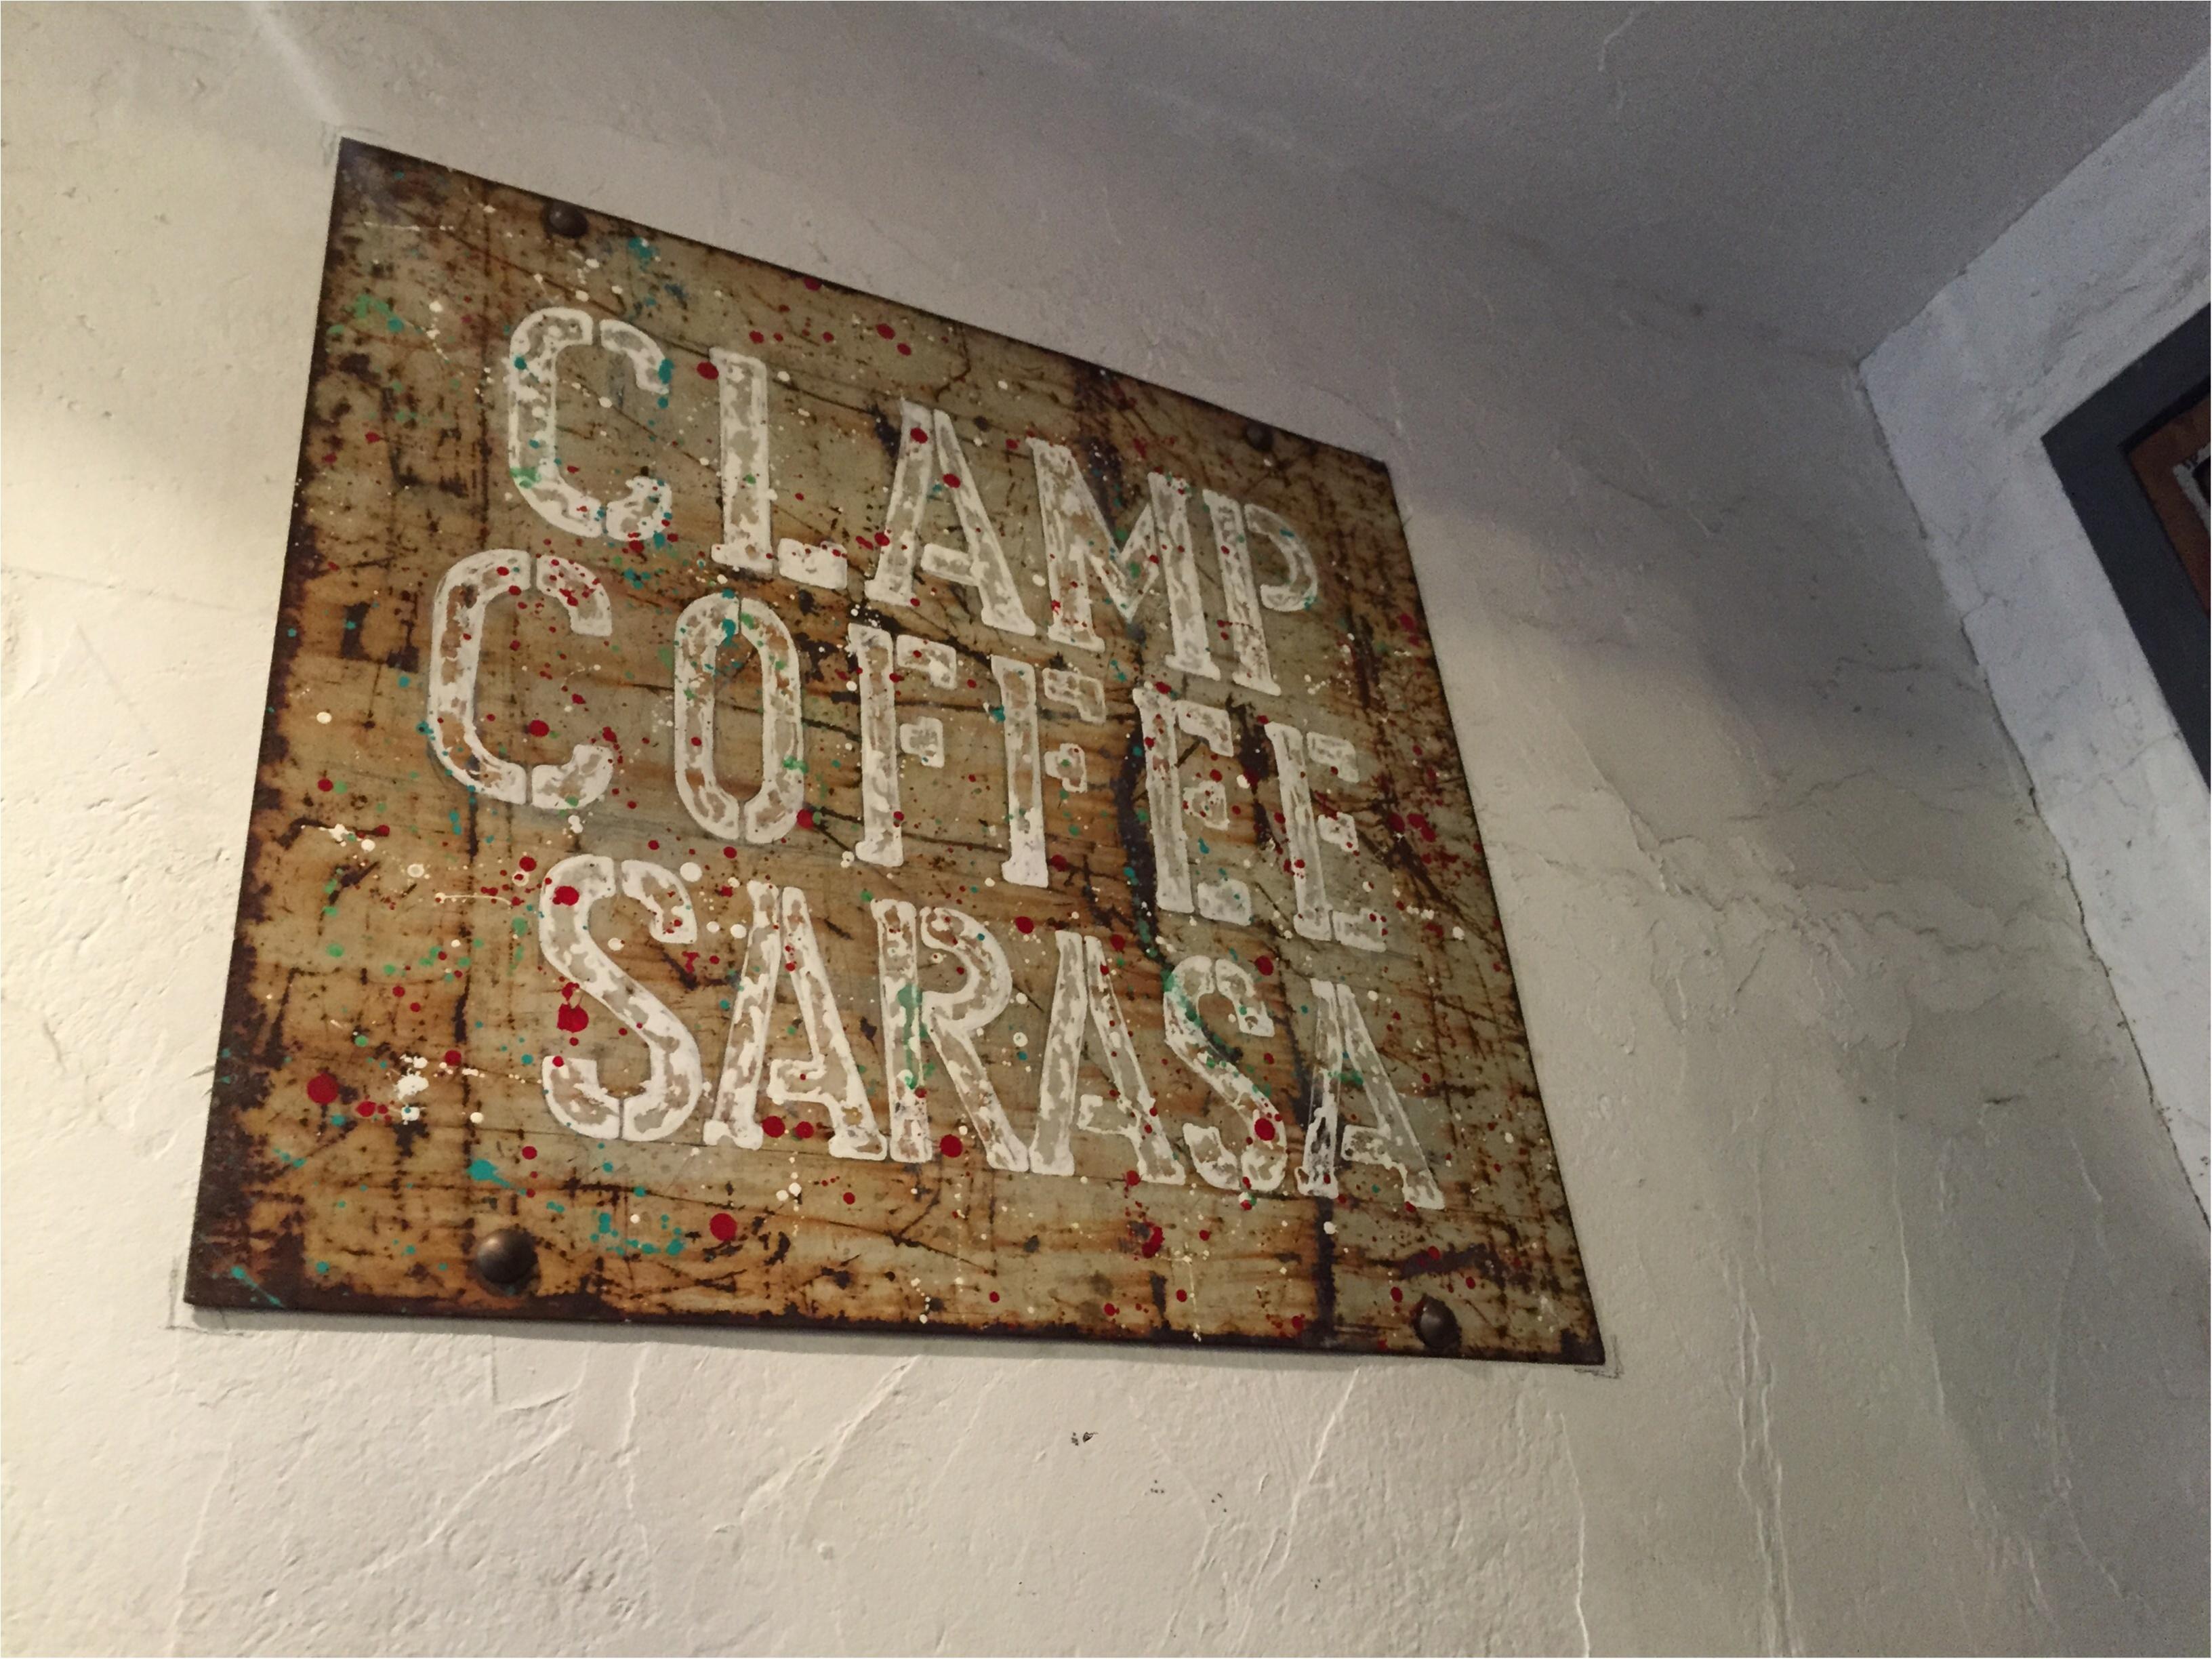 何度も通ってしまう京都のおしゃれカフェ♡【クランプコーヒーサラサ】_1